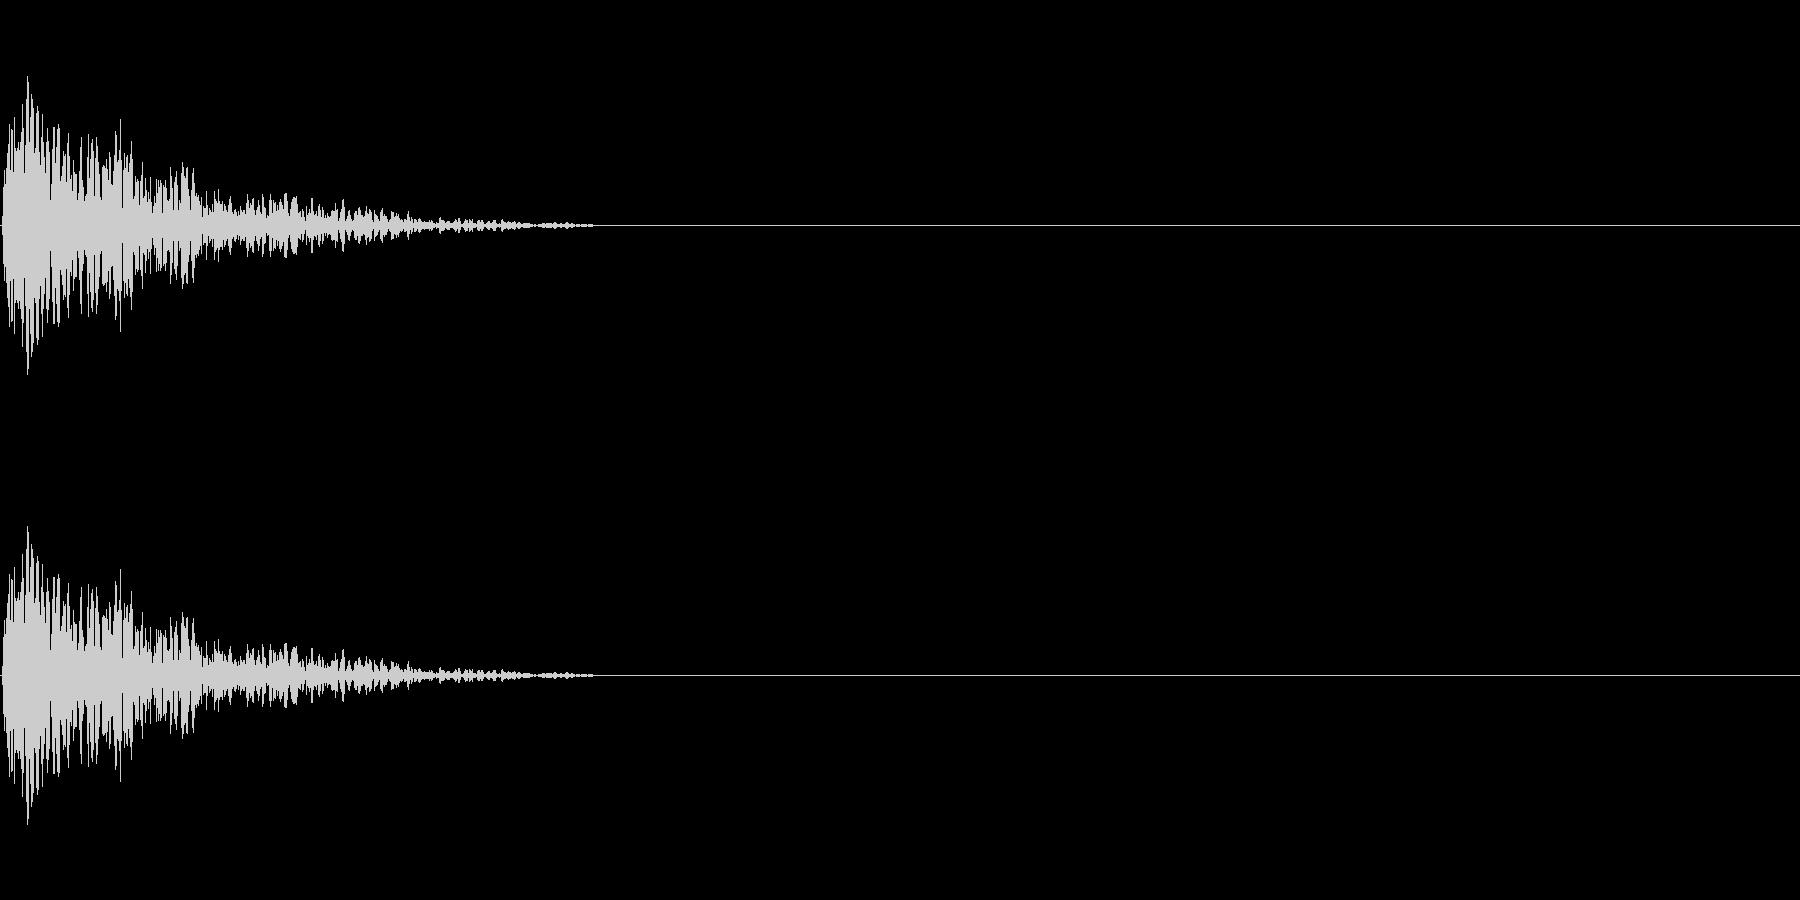 LoFiドラムキット03-スネア02の未再生の波形